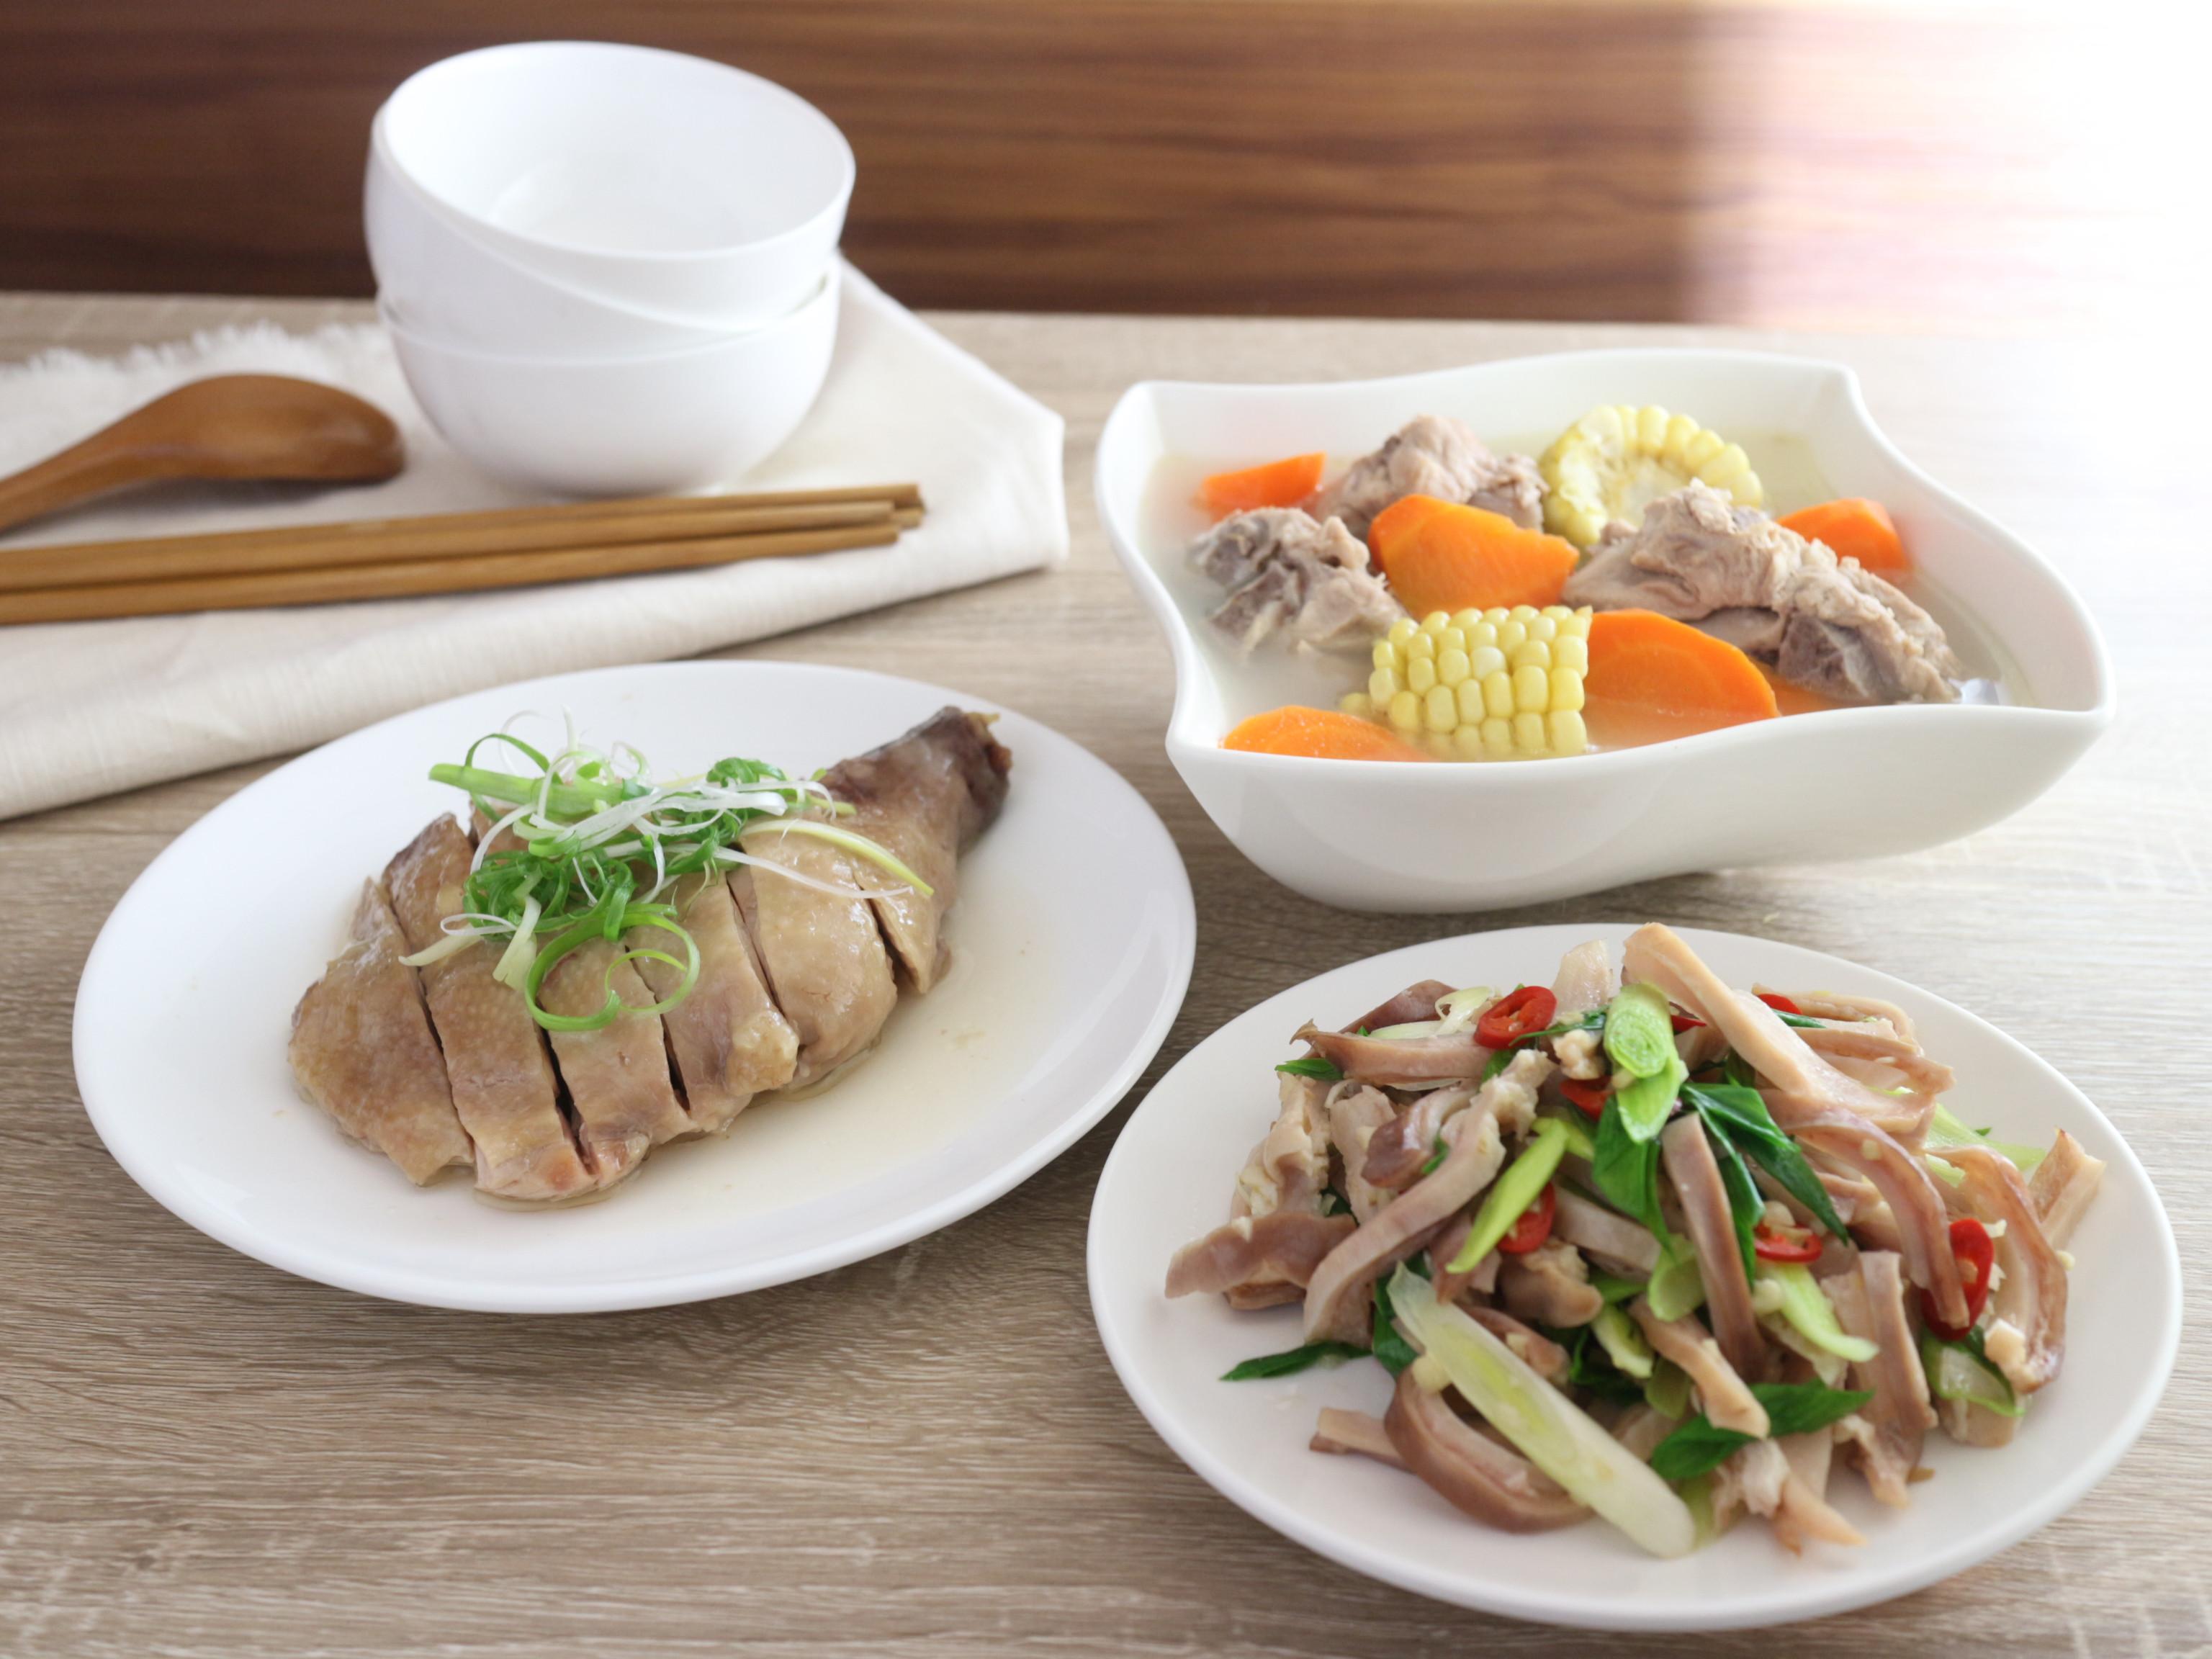 一鍋出一桌:青蒜豬肚+鹽雞腿+玉米排骨湯